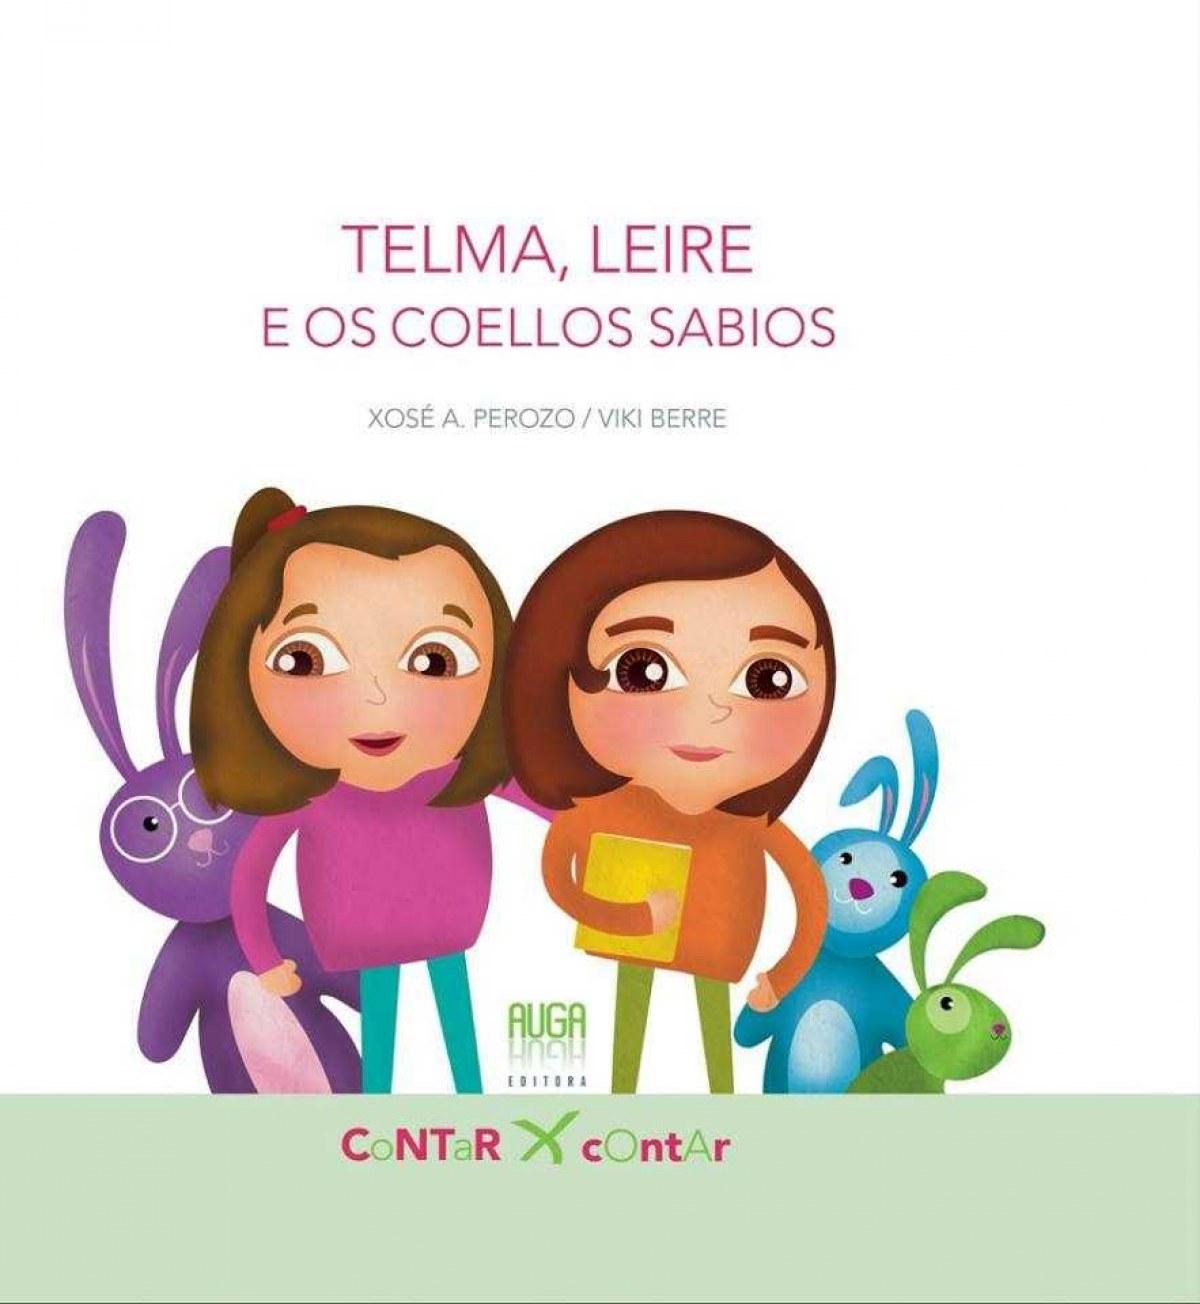 TELMA, LEIRE E OS COELLOS SABIOS